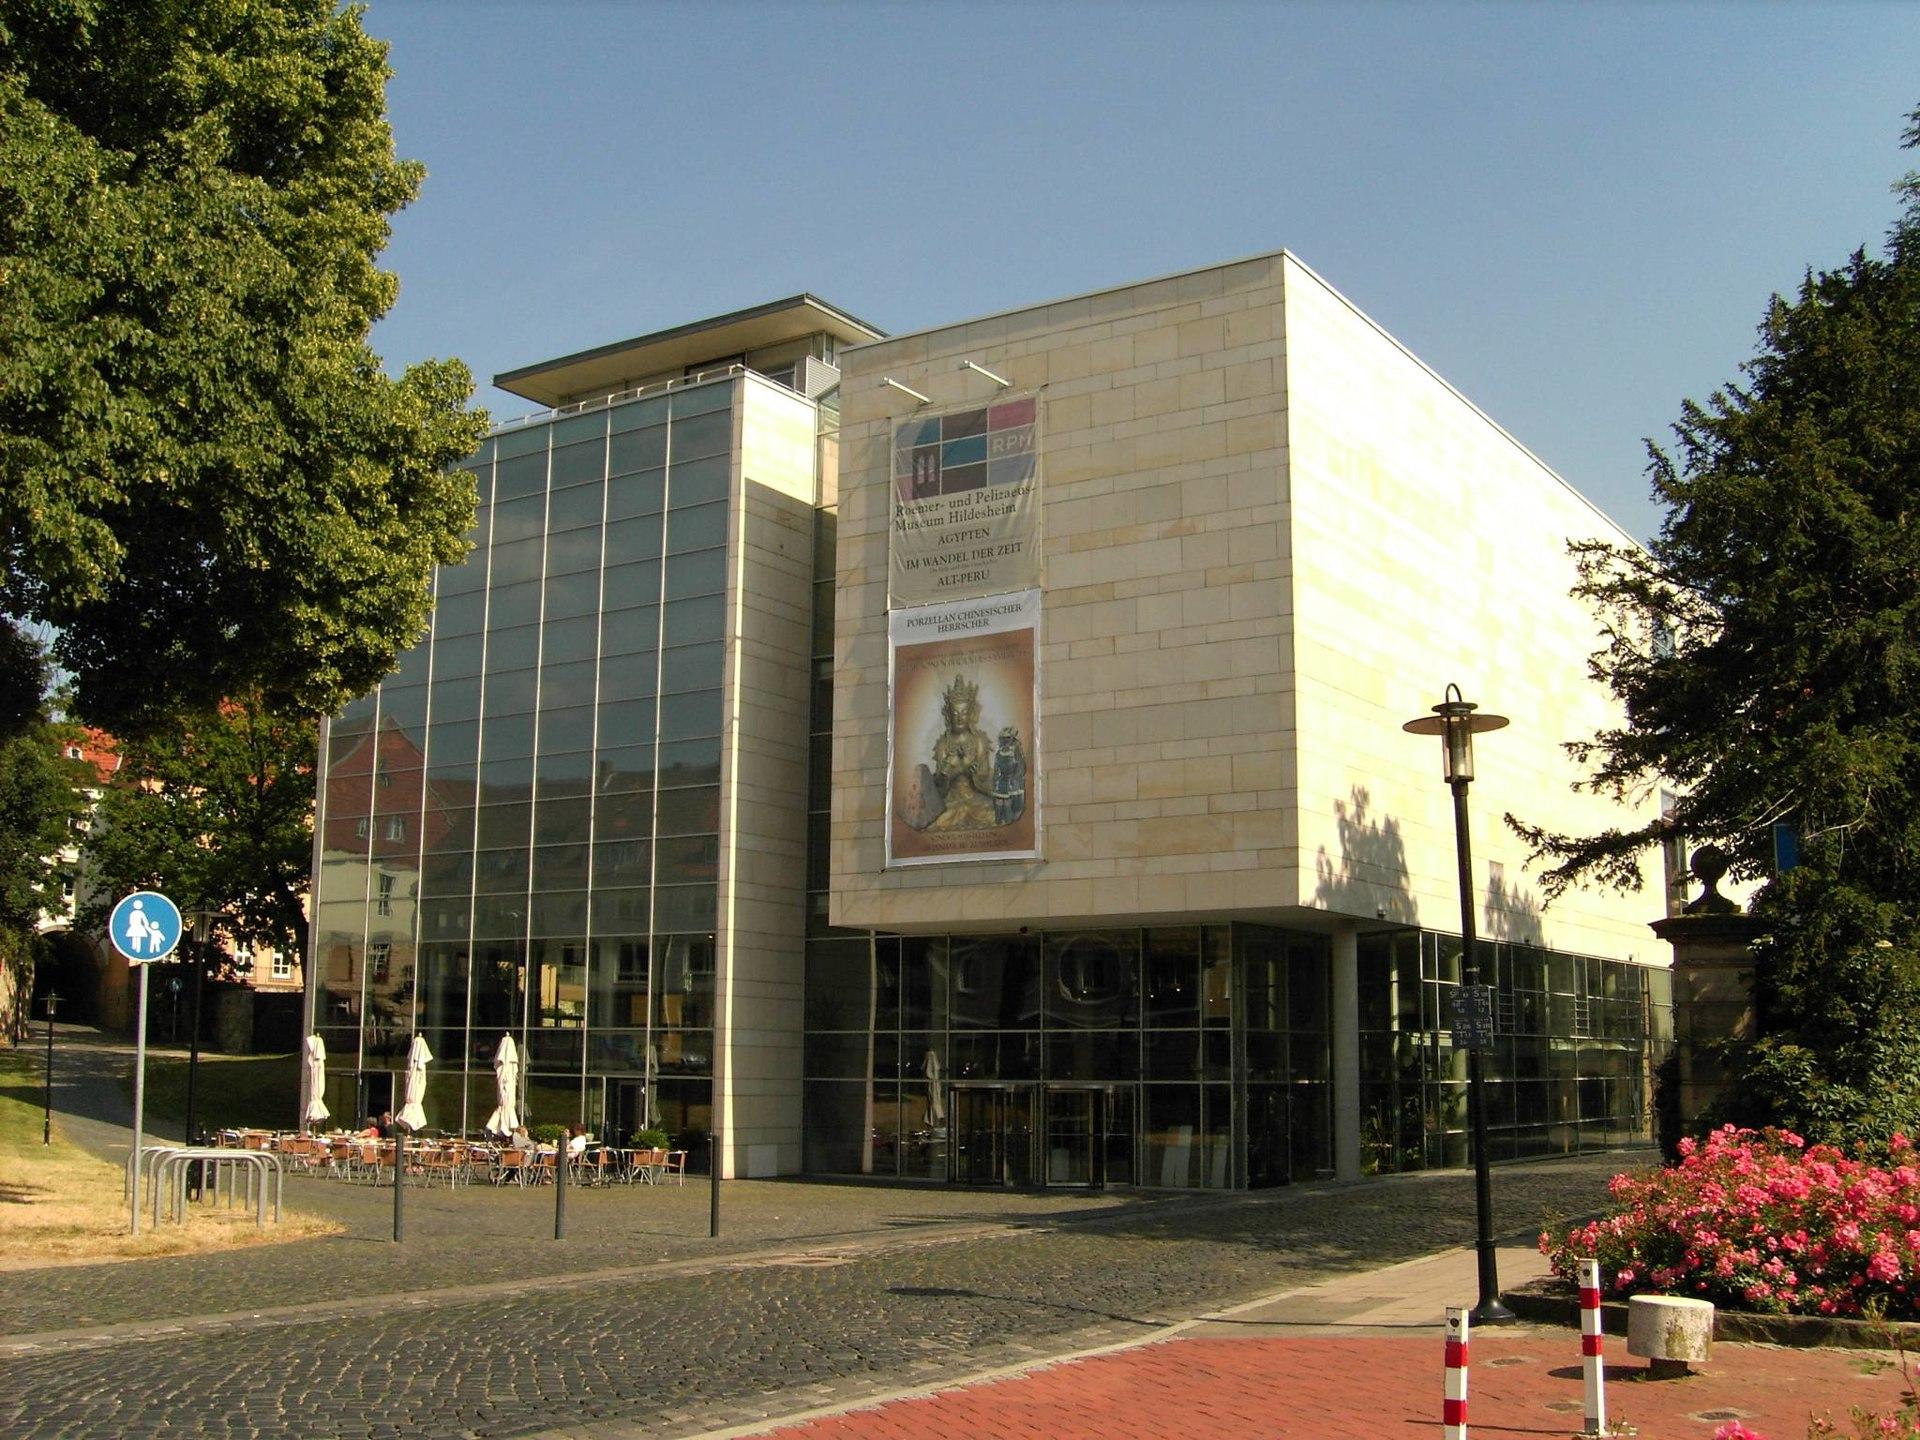 roemer und pelizaeus museum hildesheim wikipedia. Black Bedroom Furniture Sets. Home Design Ideas